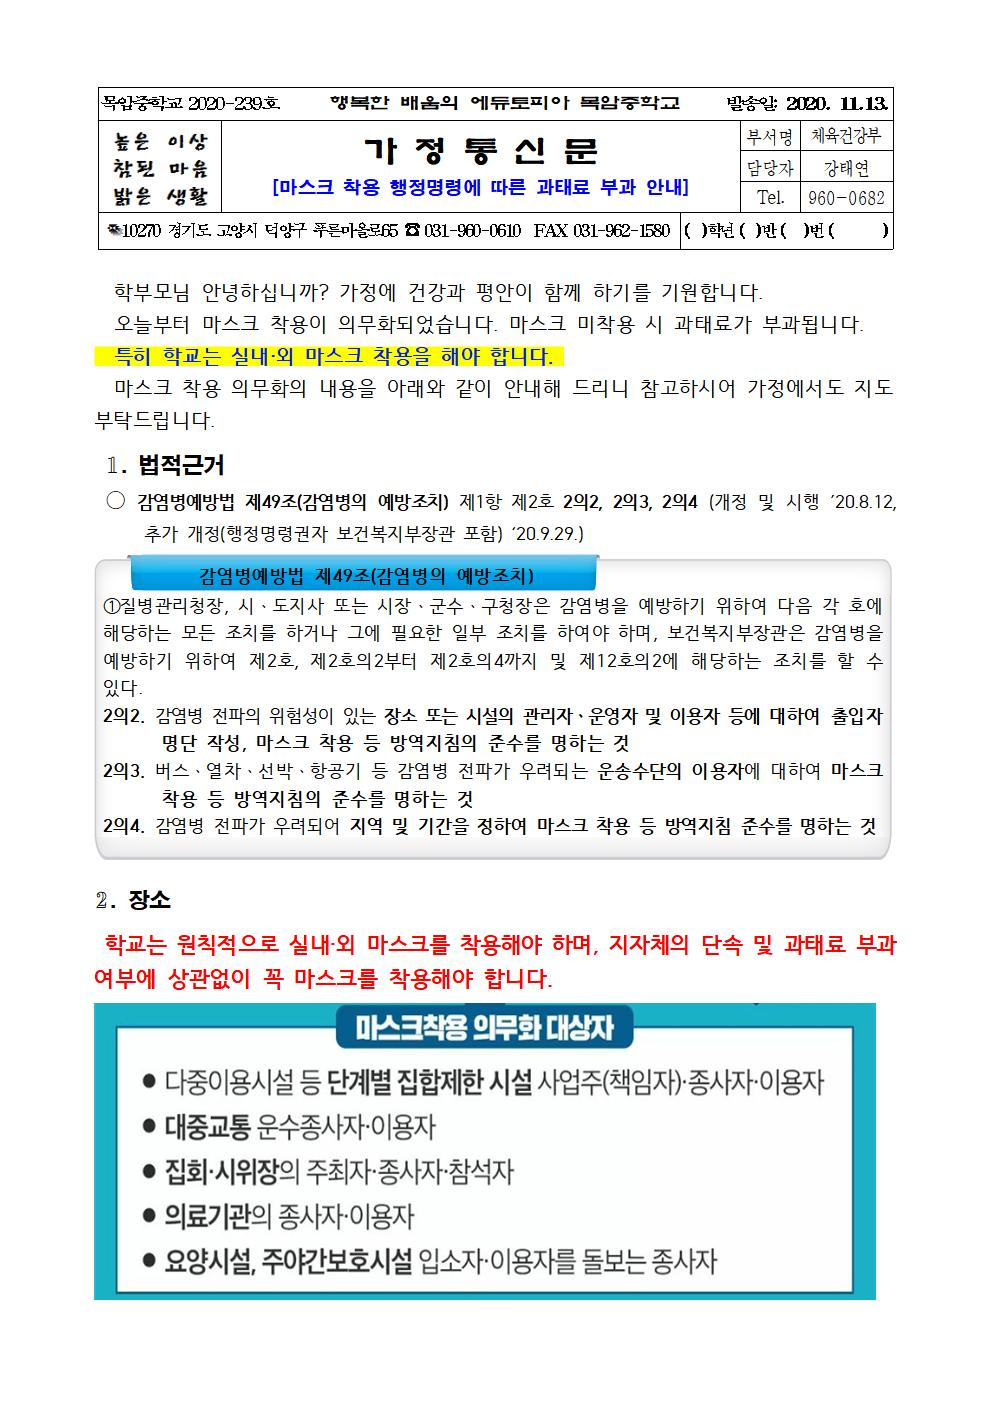 [일반] 마스크 착용 행정명령 과태료 부과 안내의 첨부이미지 1